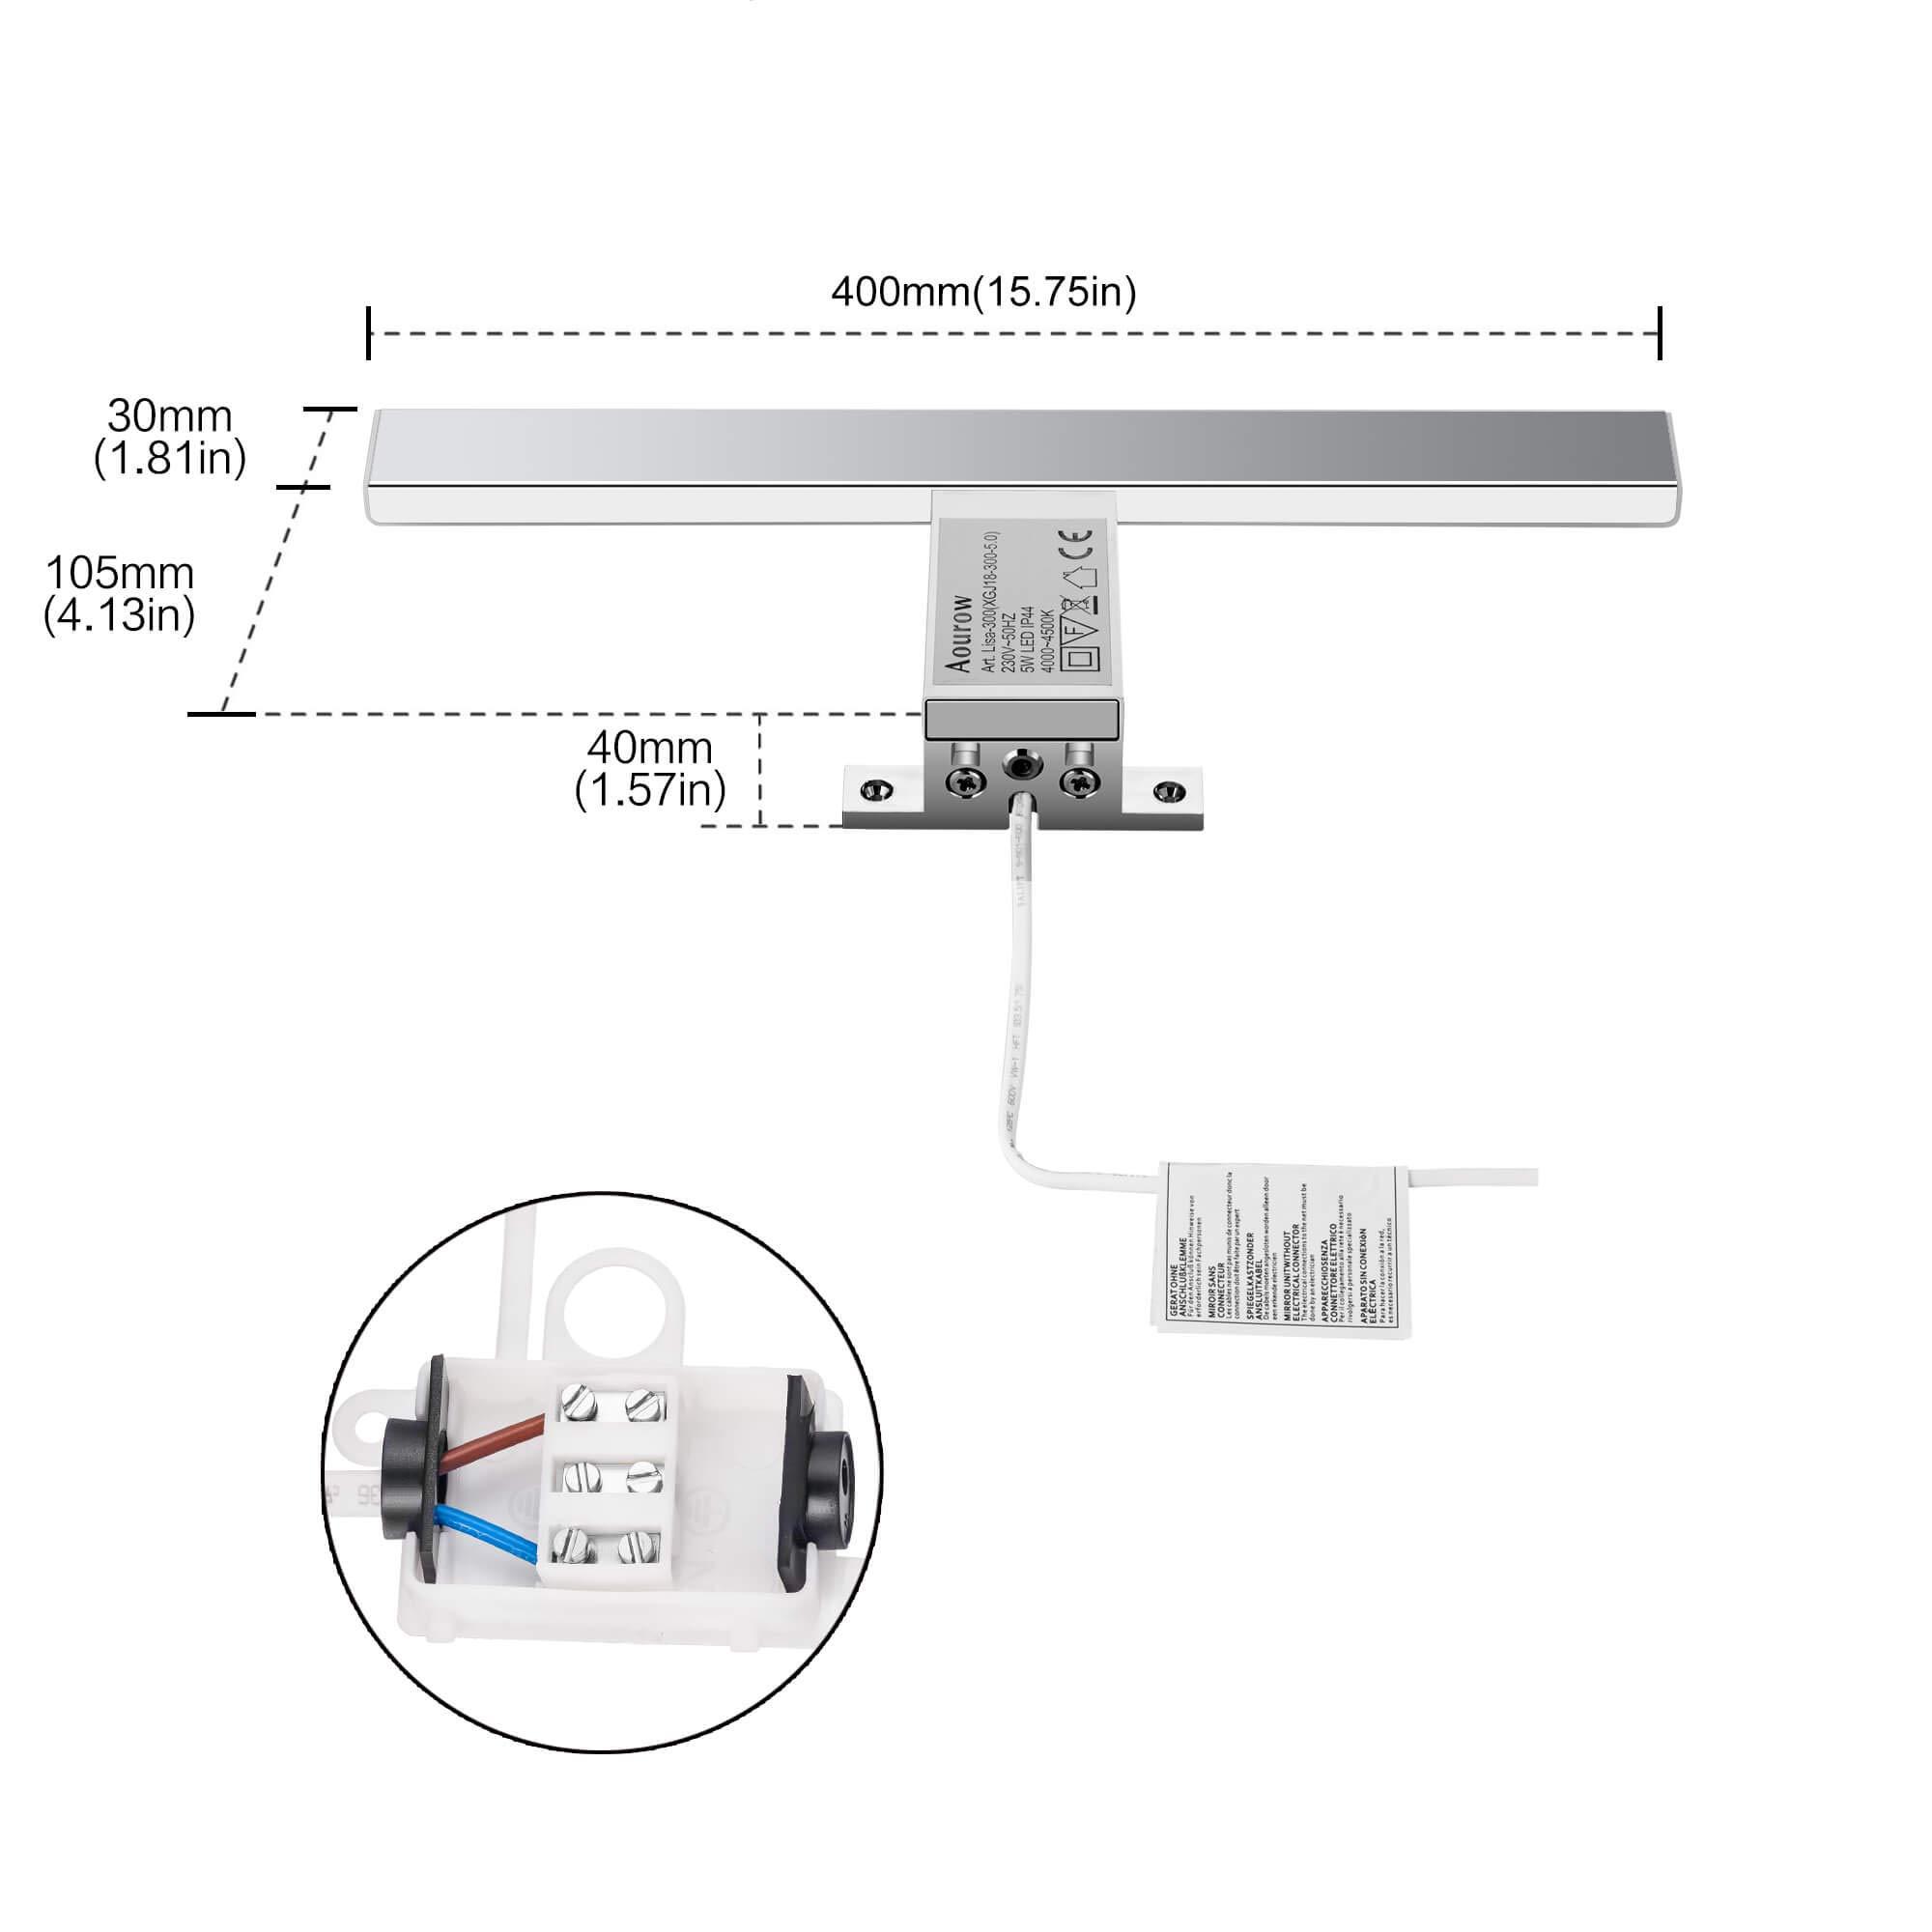 LED Spiegelleuchte Badezimmer 10W 820LM 40cm Neutralweiß 4000K Azhien,3in1 Montage IP44 230V Edelstahl Wandleuchte Spiegellampe 400mm,Kein Flimmern Badezimmerschrank Spiegelleuchten